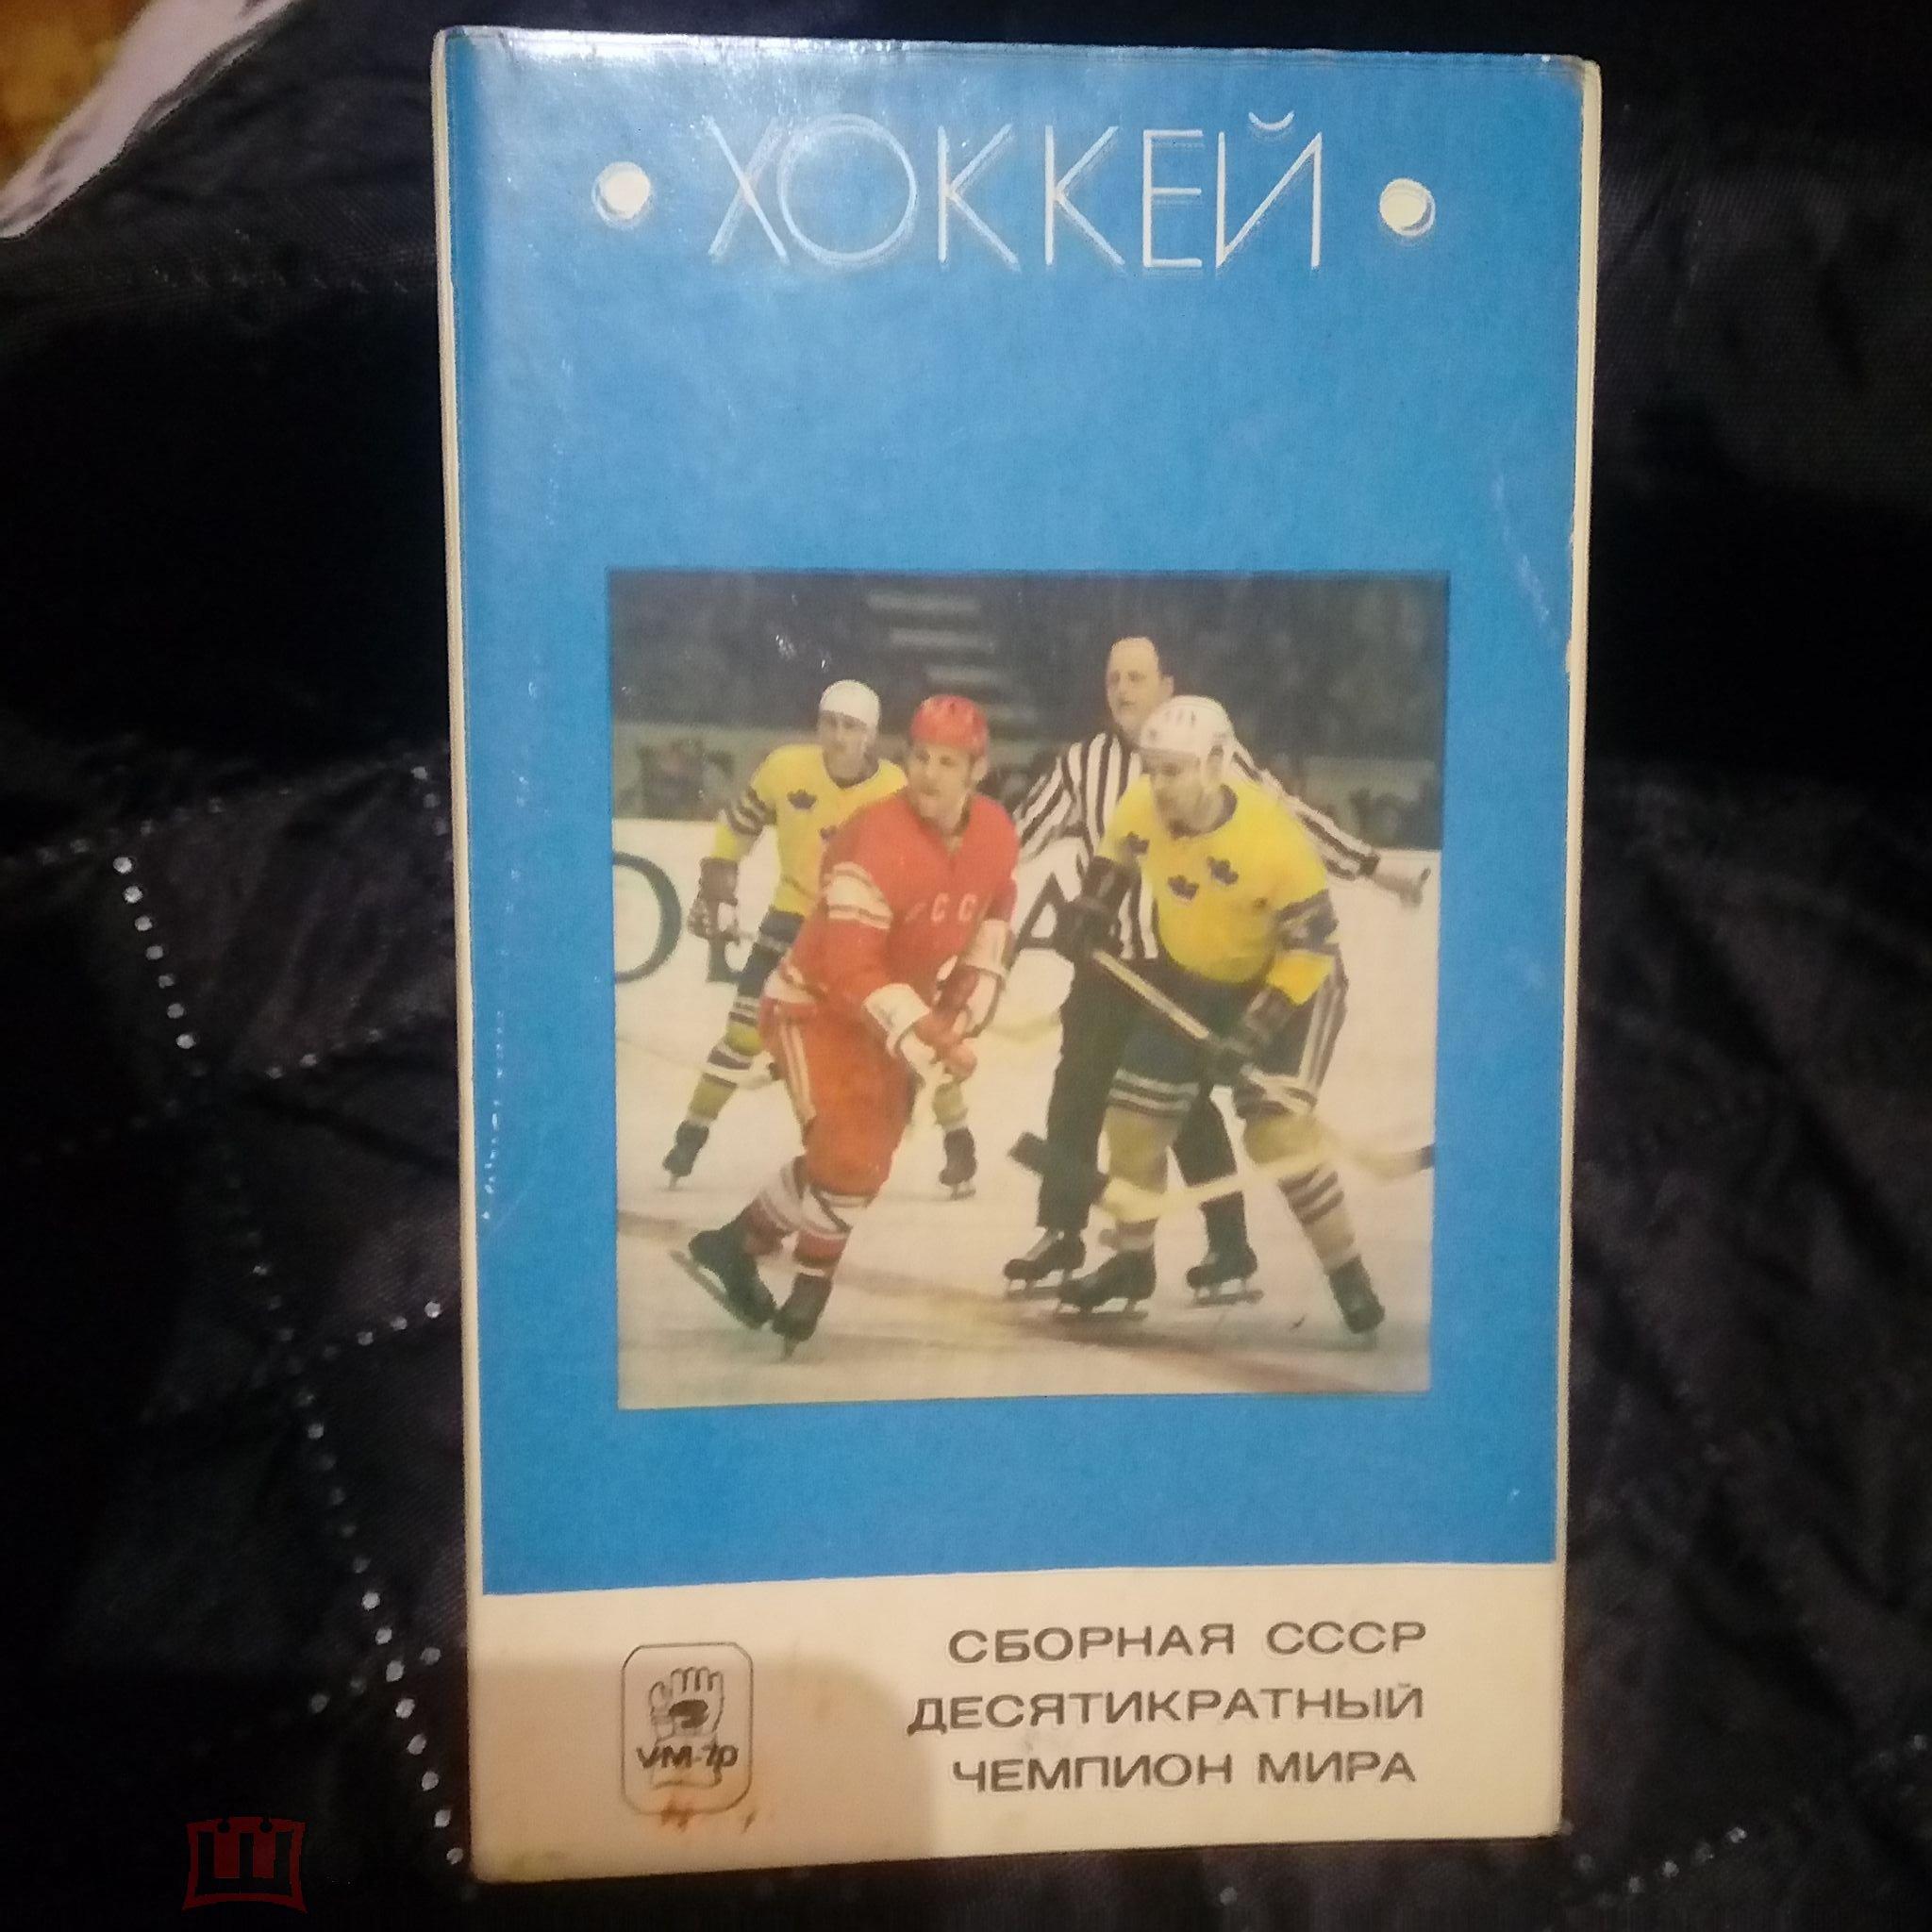 Вышивки, открытки хоккей сборная ссср 1971 с автографом